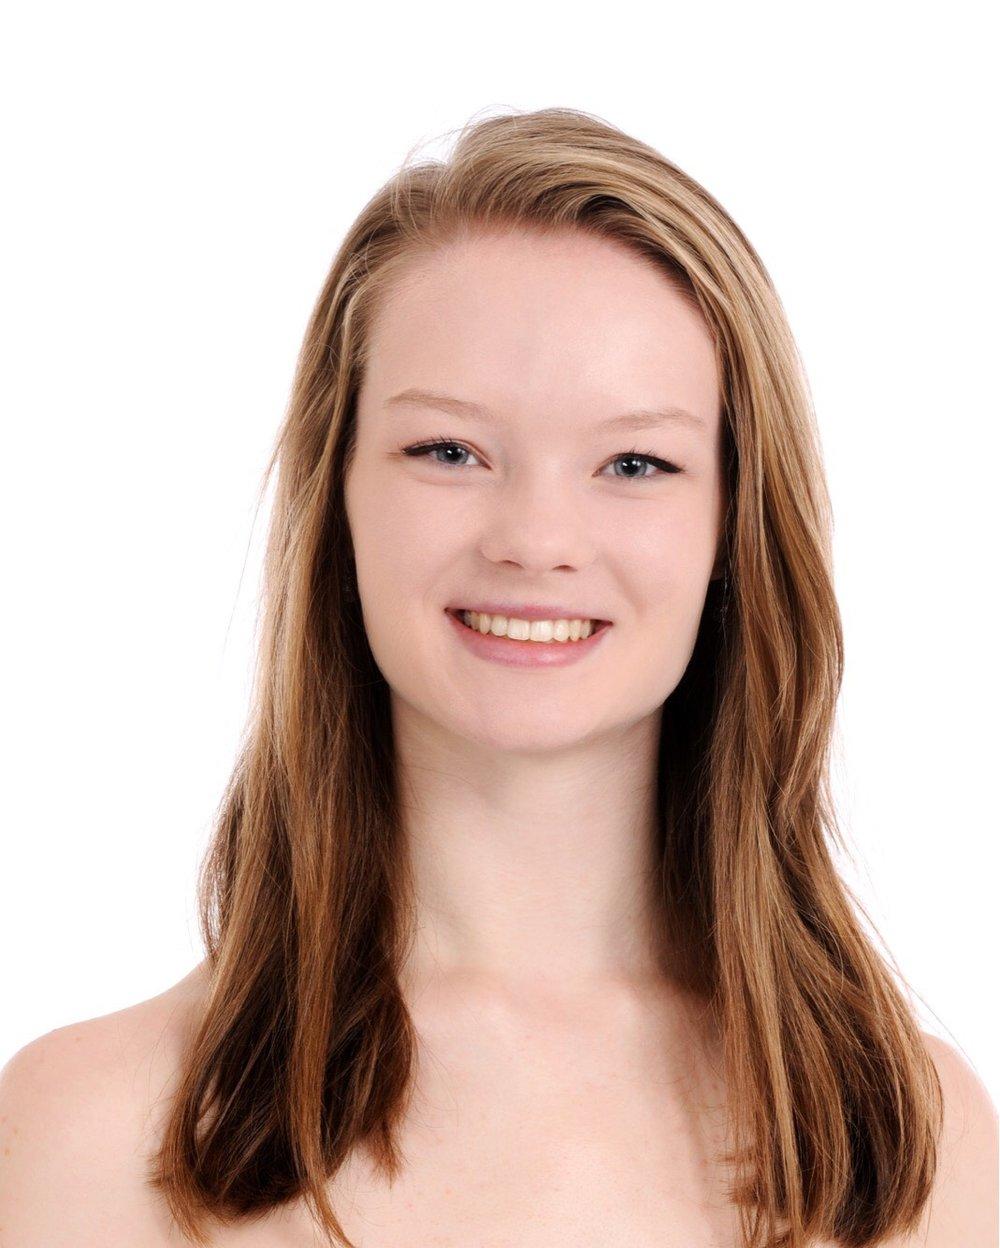 Herk, Alissa van (dancer).JPG